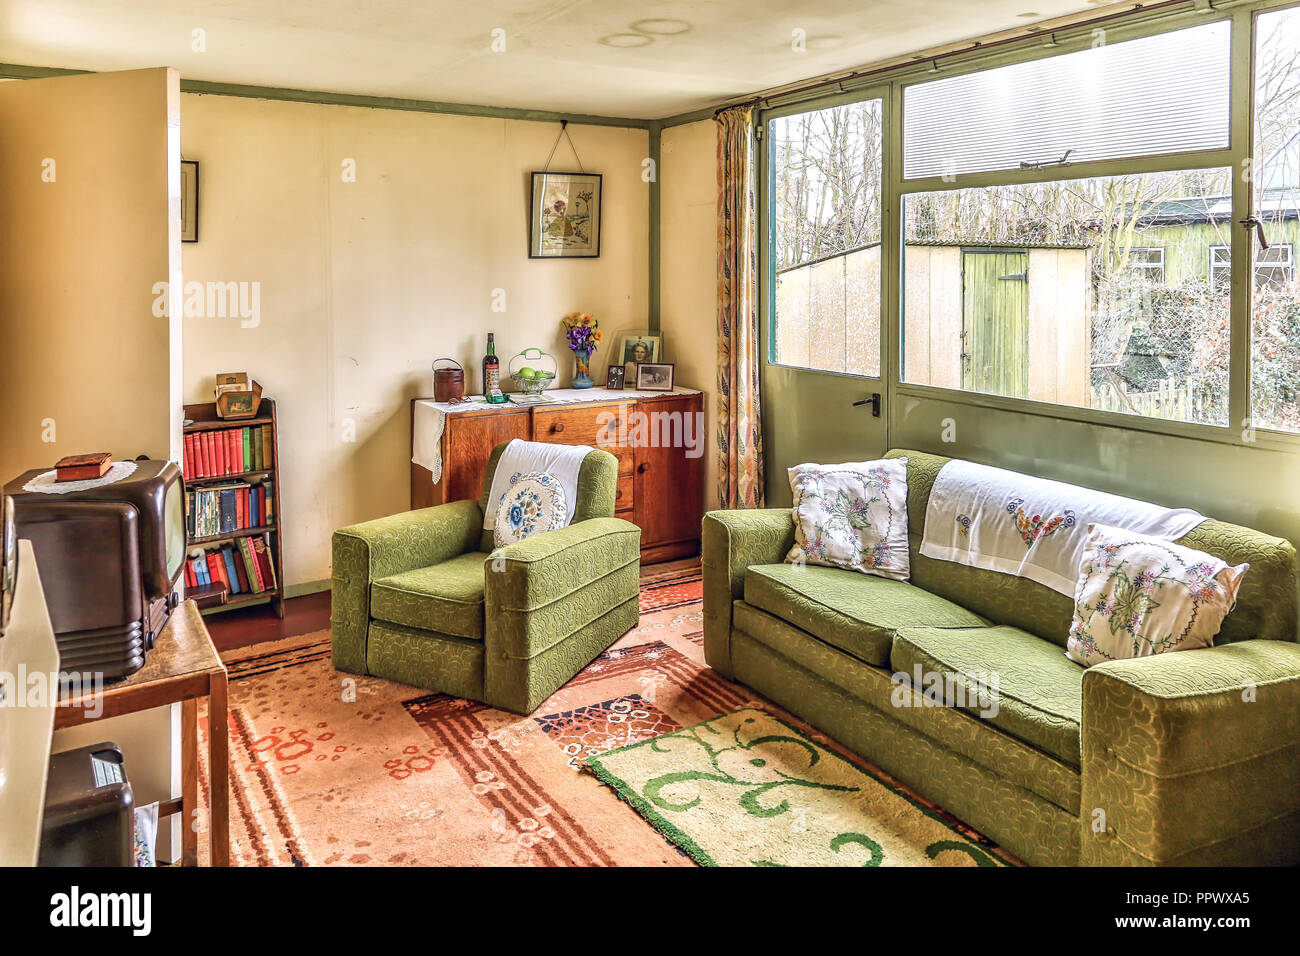 21s Interior Stockfotos und  bilder Kaufen   Alamy